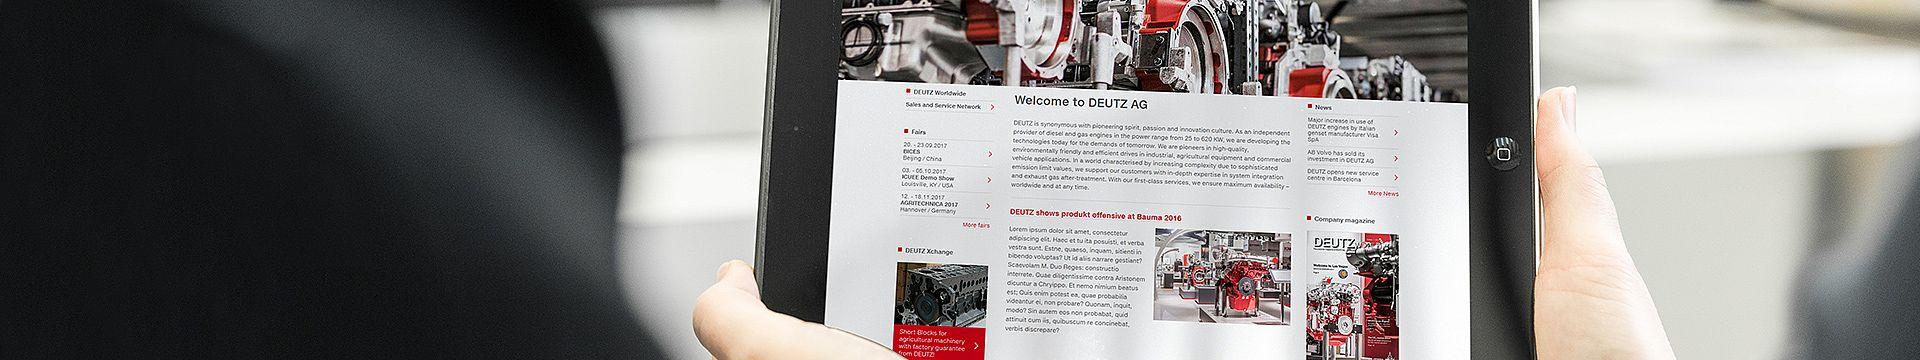 دیزل موتور - صفحه اخبار